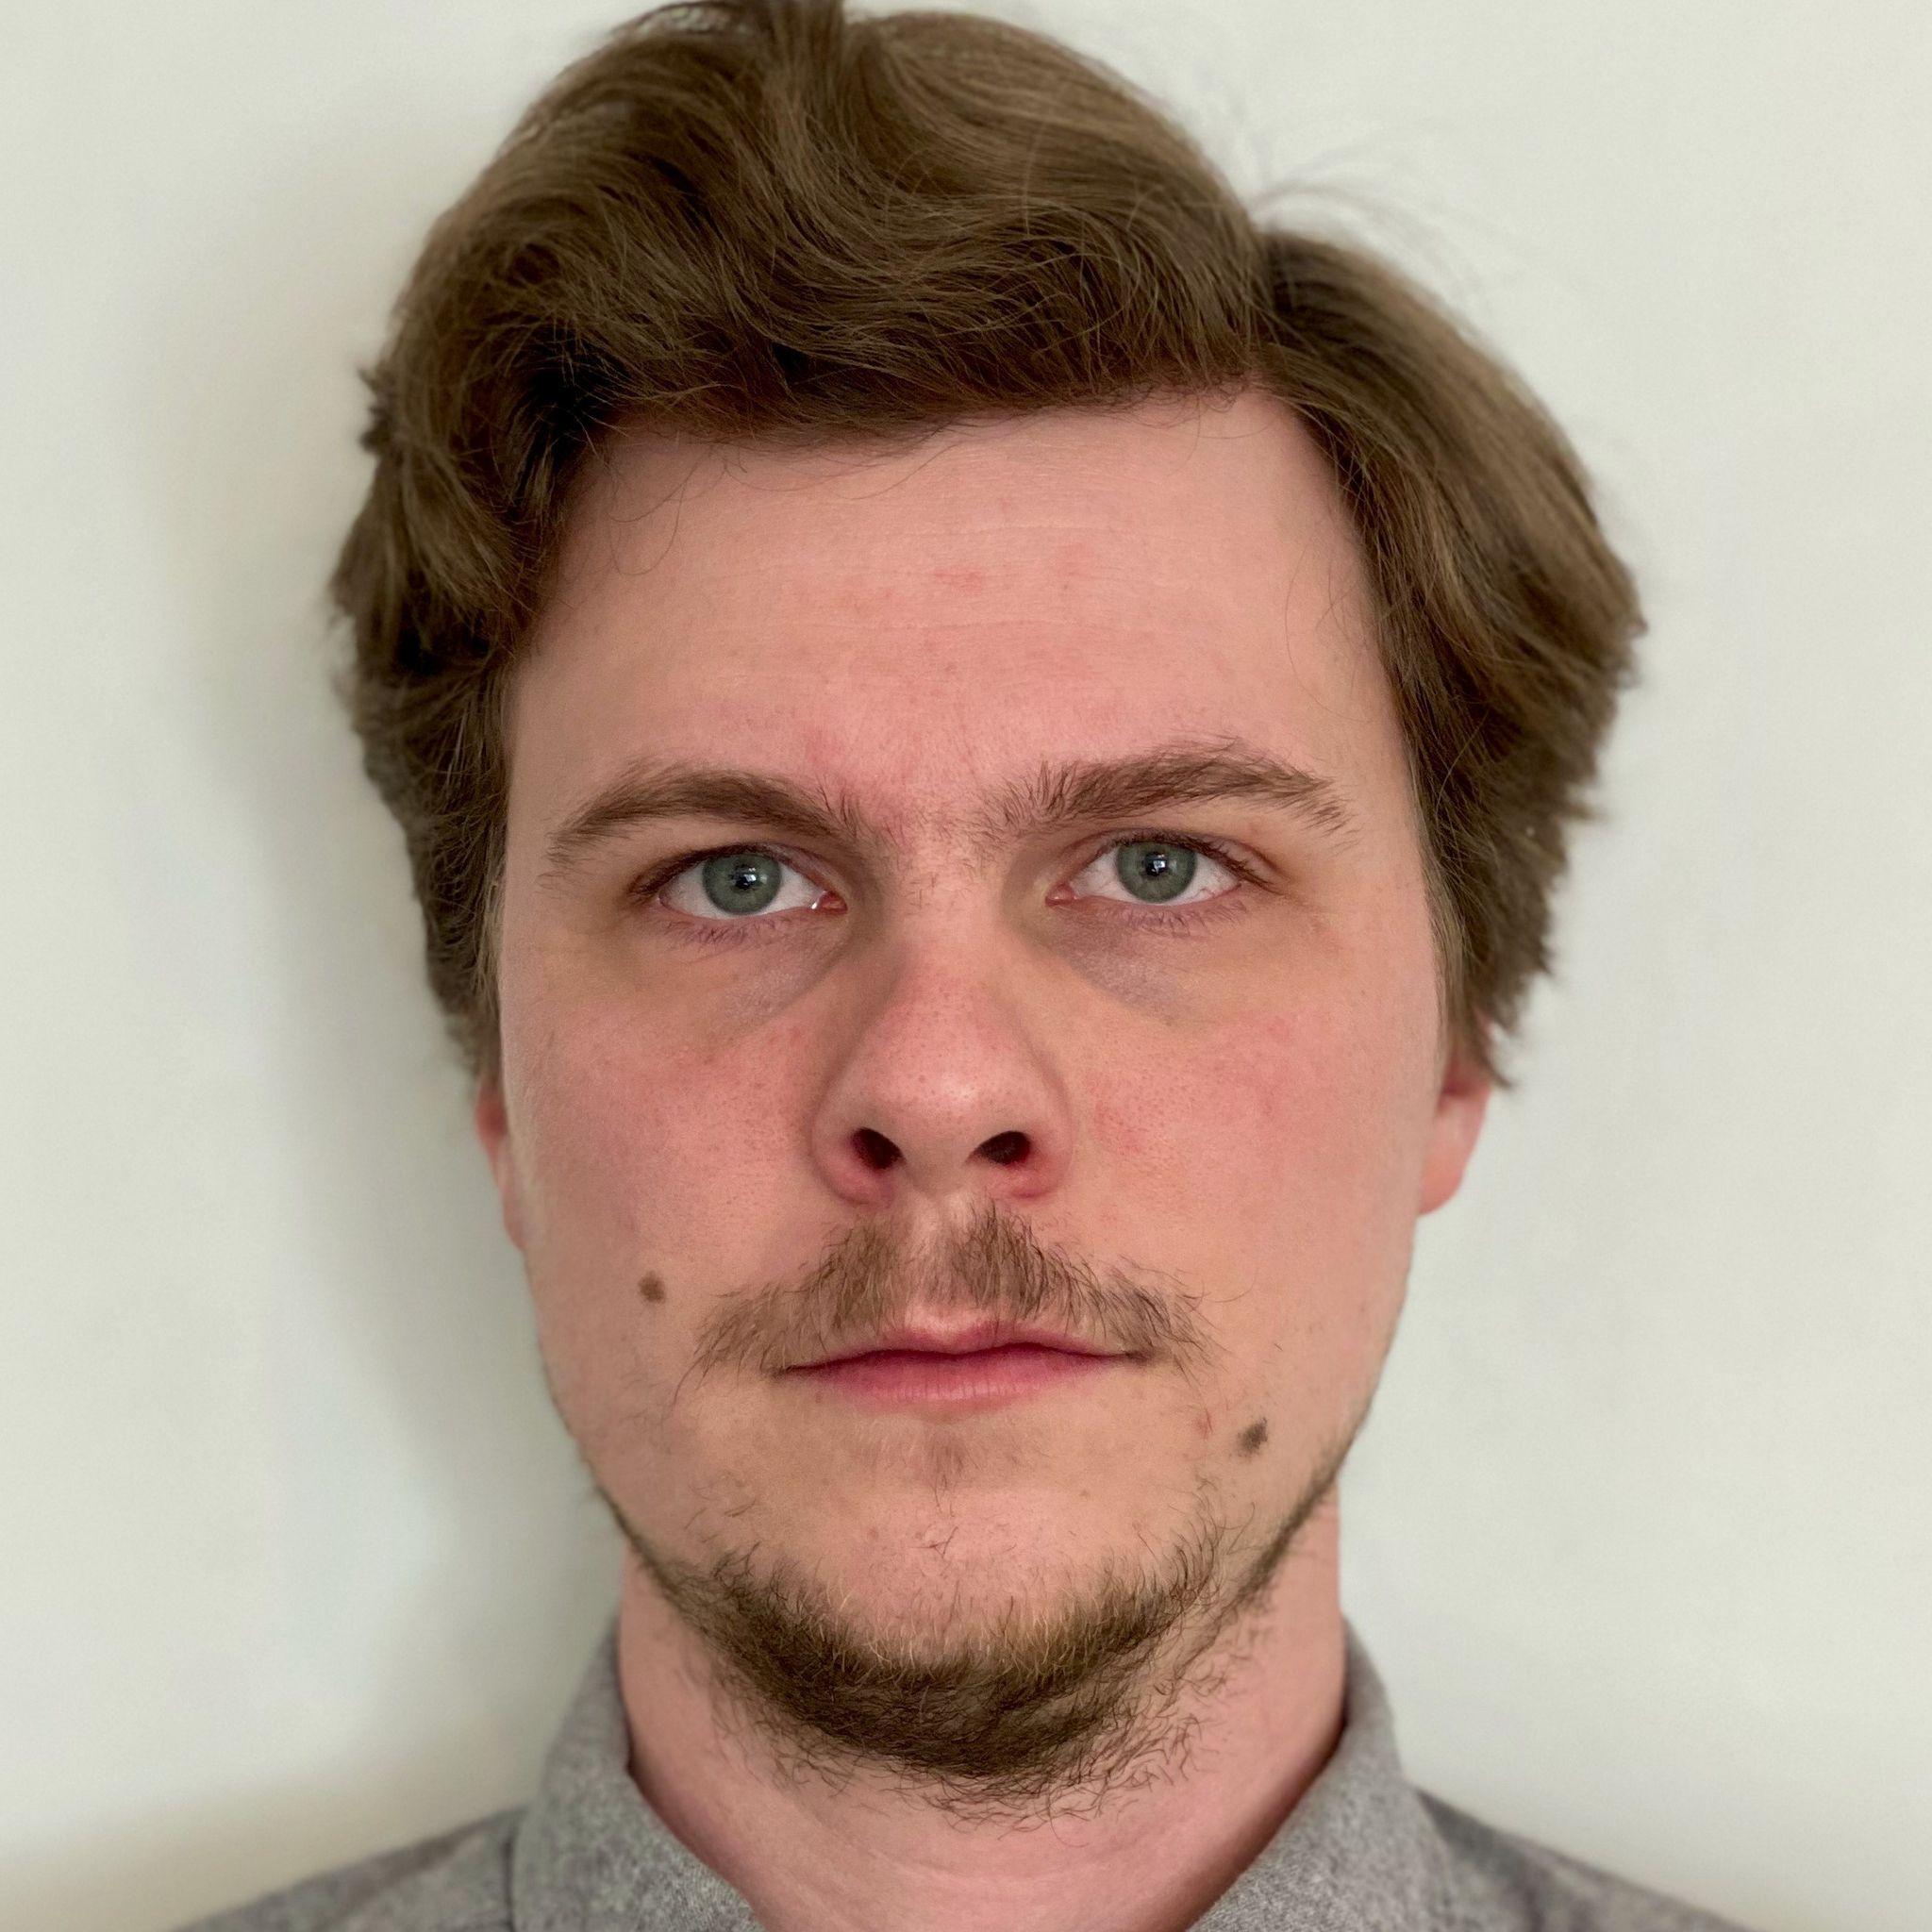 Henrik Hillestad Løvold